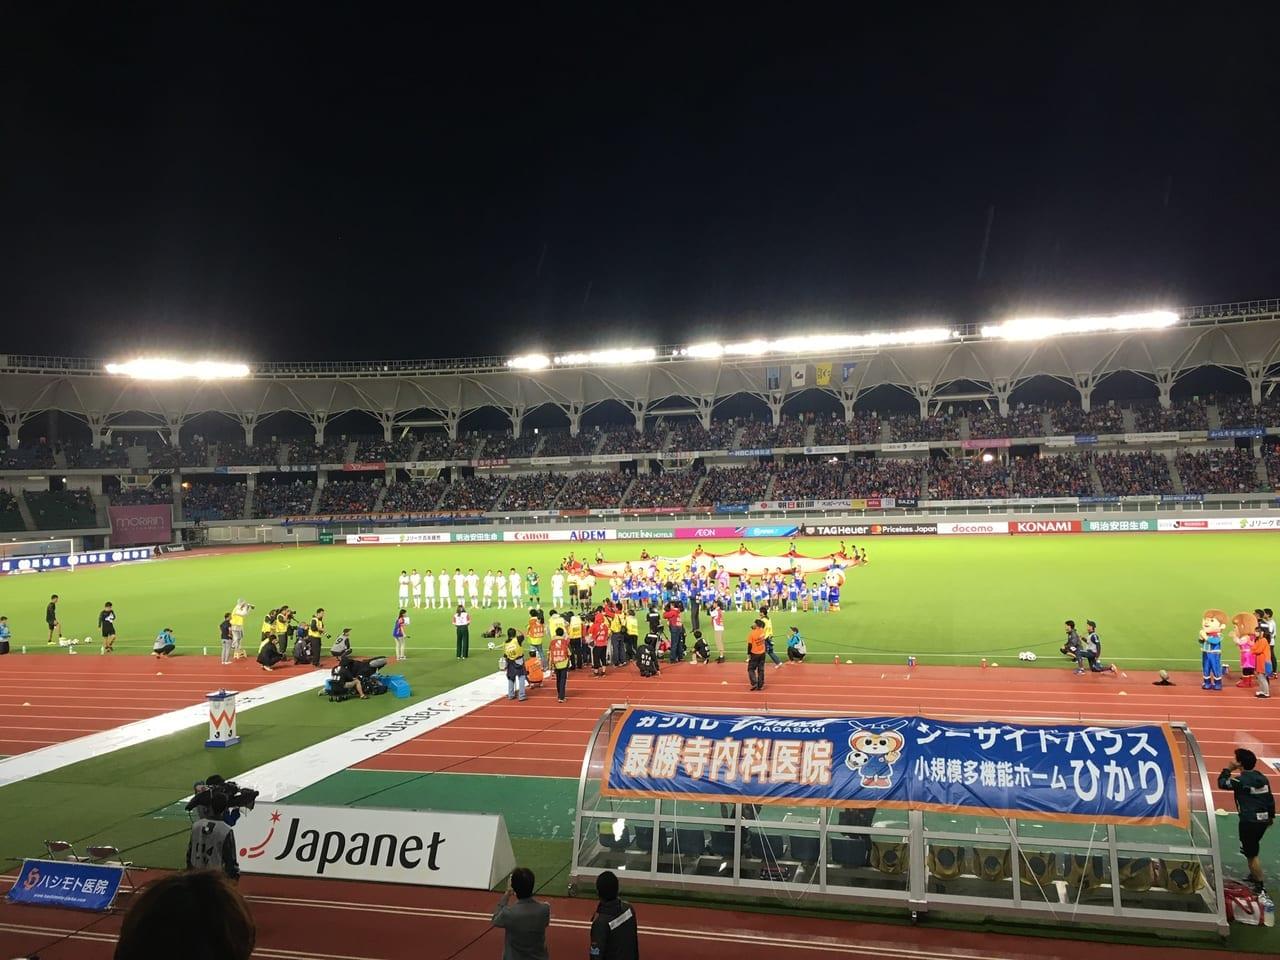 V長崎のホームスタジアムの様子です。